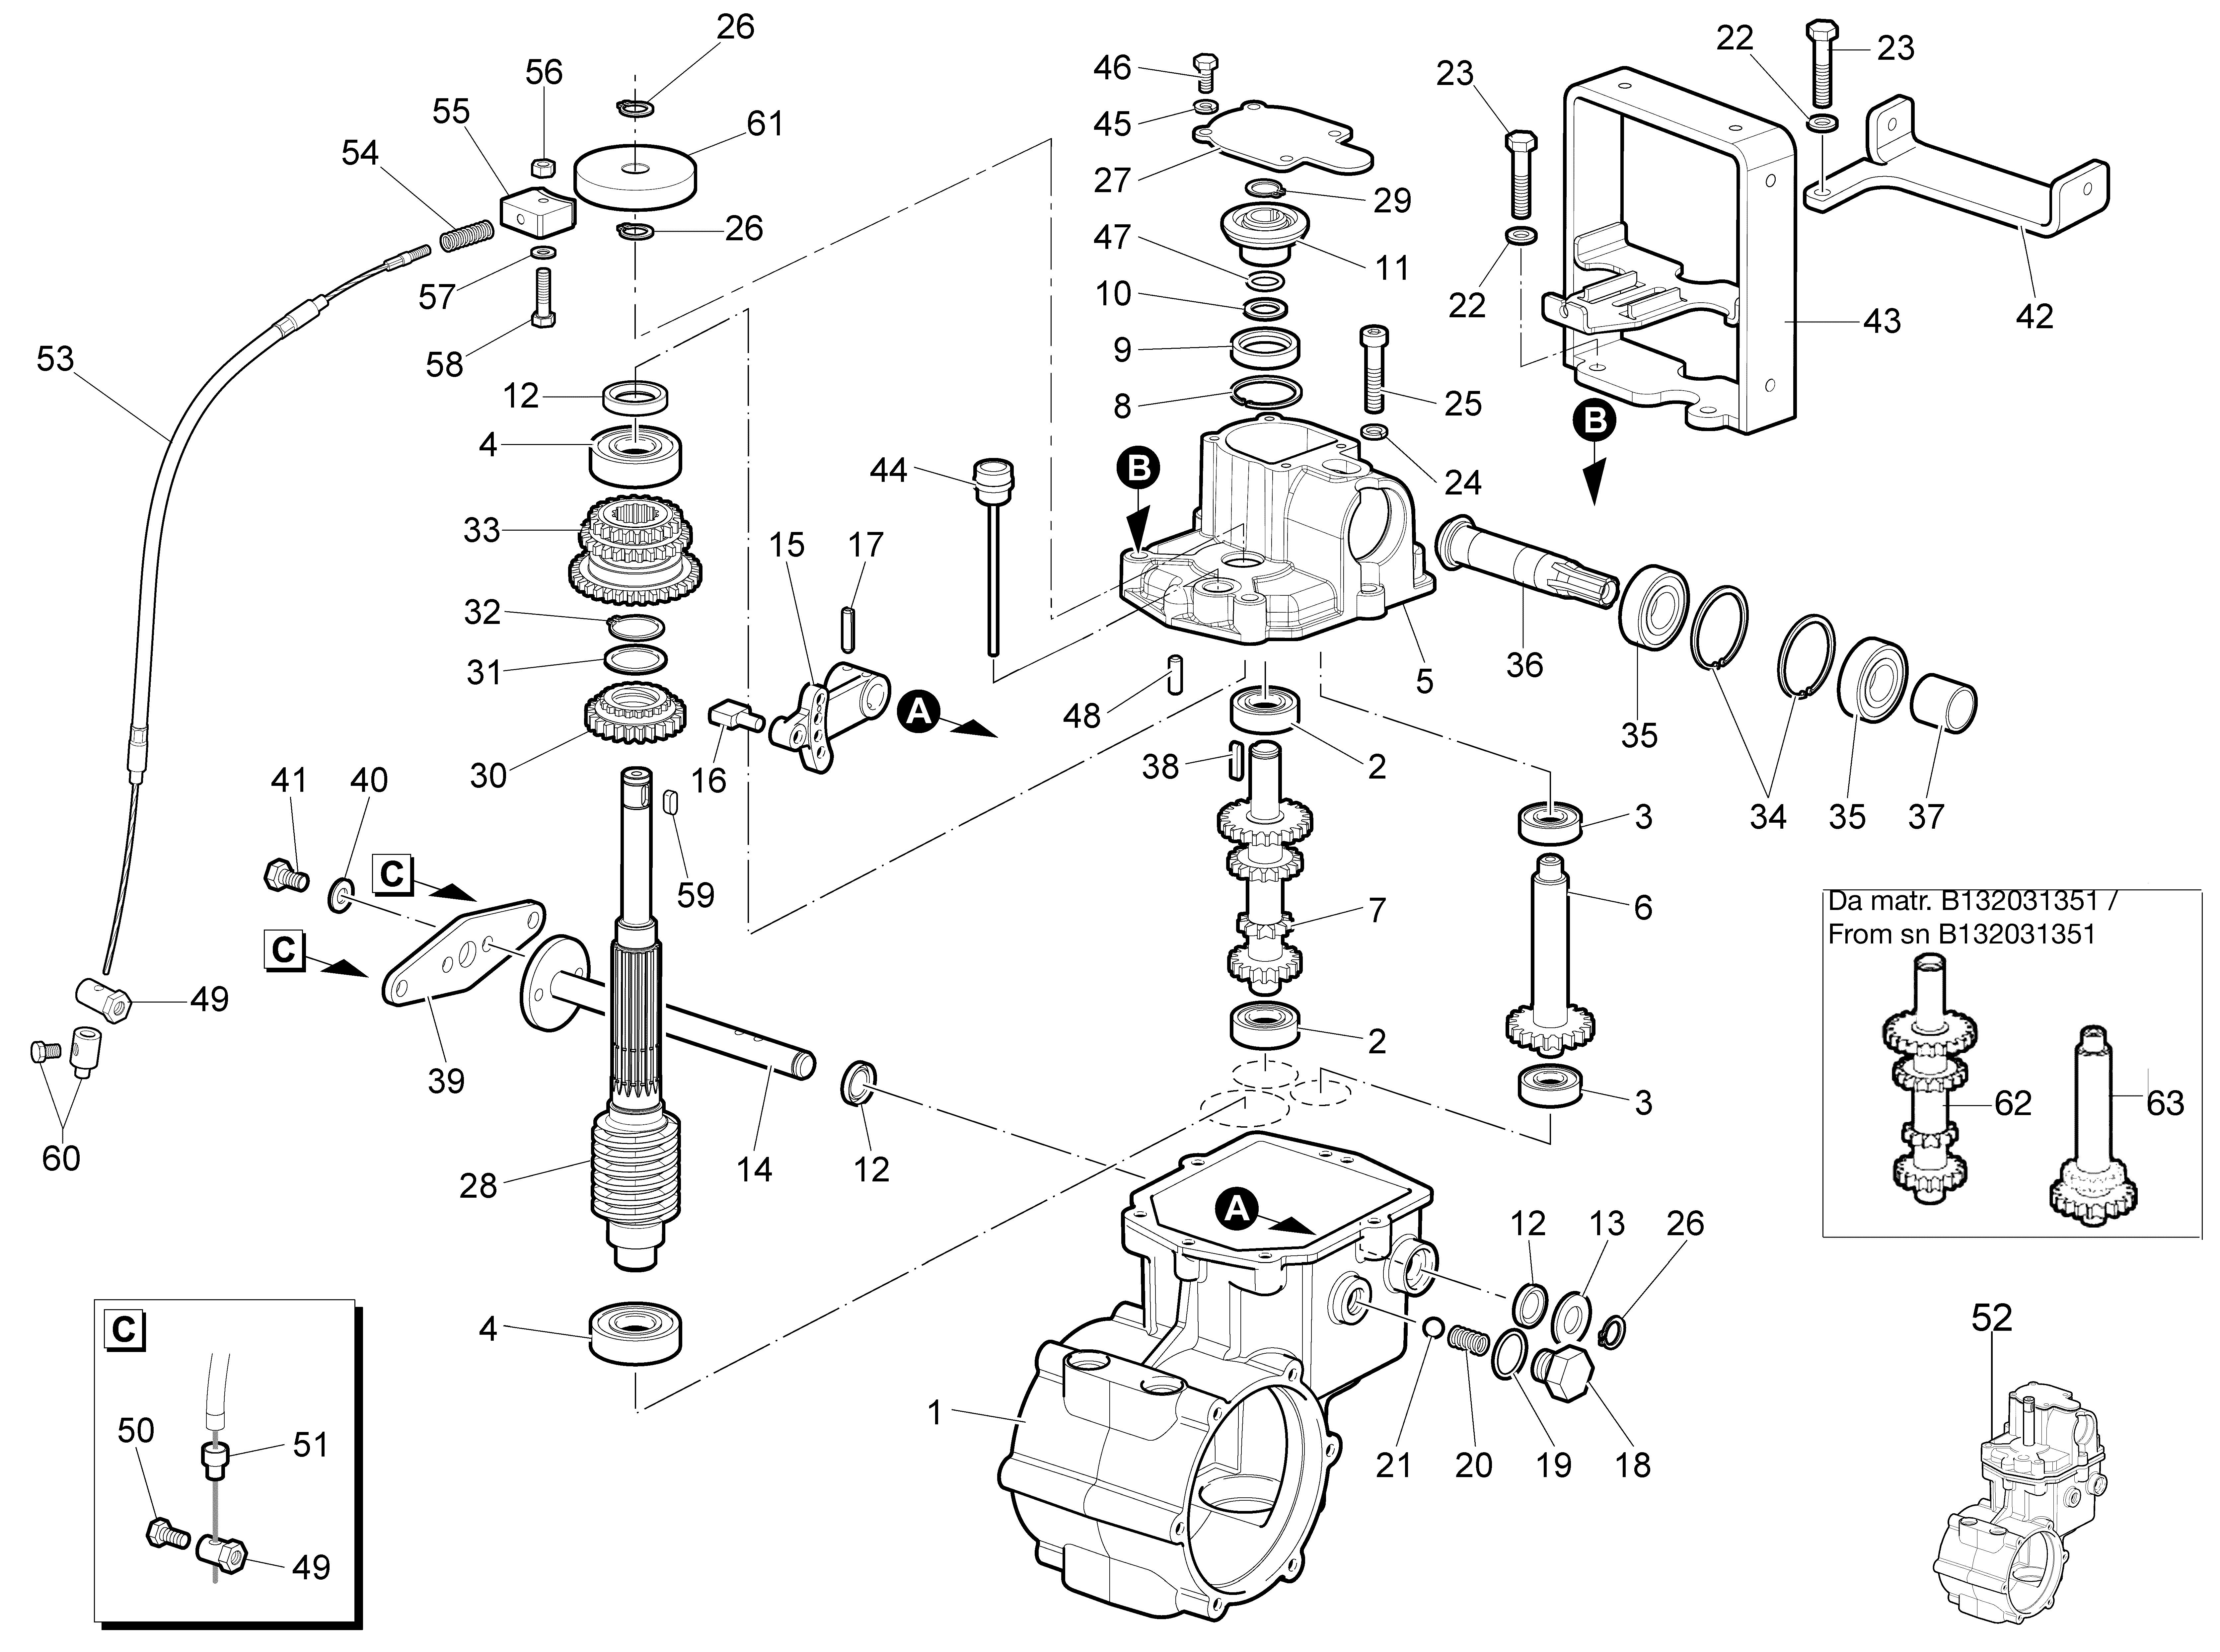 WB 80 KR 11 Tondeuse à fléaux  Oleomac Vue éclatée  Dessins pièces -  Engrenages de la boite a vitesse - avec frein jusqu au sn B133181825